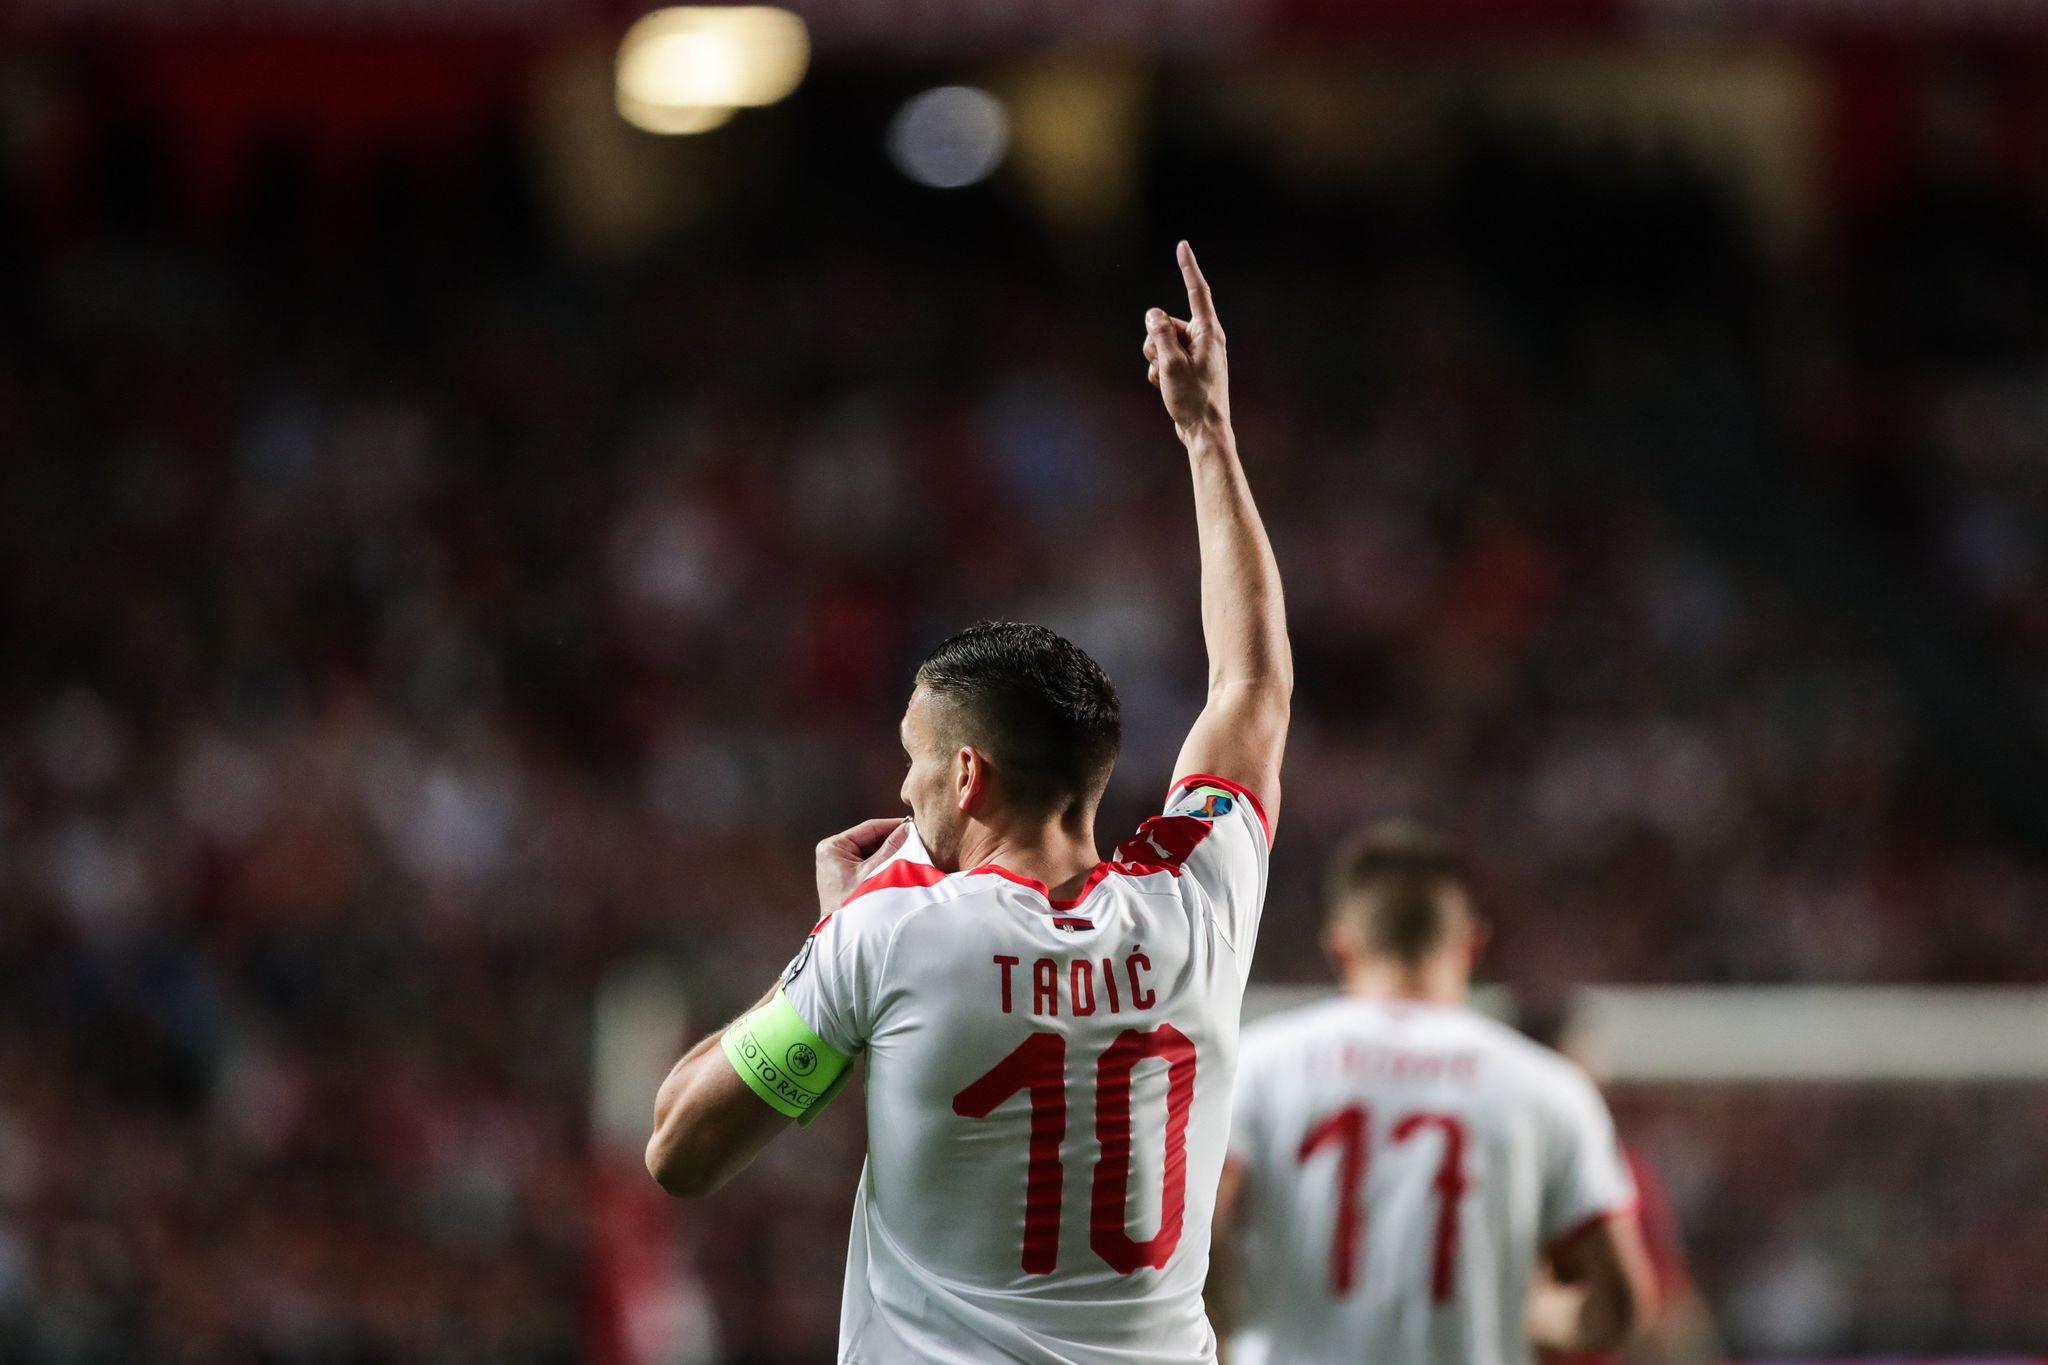 LB01. LISBOA (PORTUGAL), 25/03/2019.- Dusan <HIT>Tadic</HIT> de Serbia celebra con sus compañeros luego de anotar un gol de penalti durante un partido del grupo B por la clasificación de la Eurocopa 2020 entre Portugal y Serbia este lunes, en el estadio Luz de Lisboa (Portugal). EFE/Mario Cruz